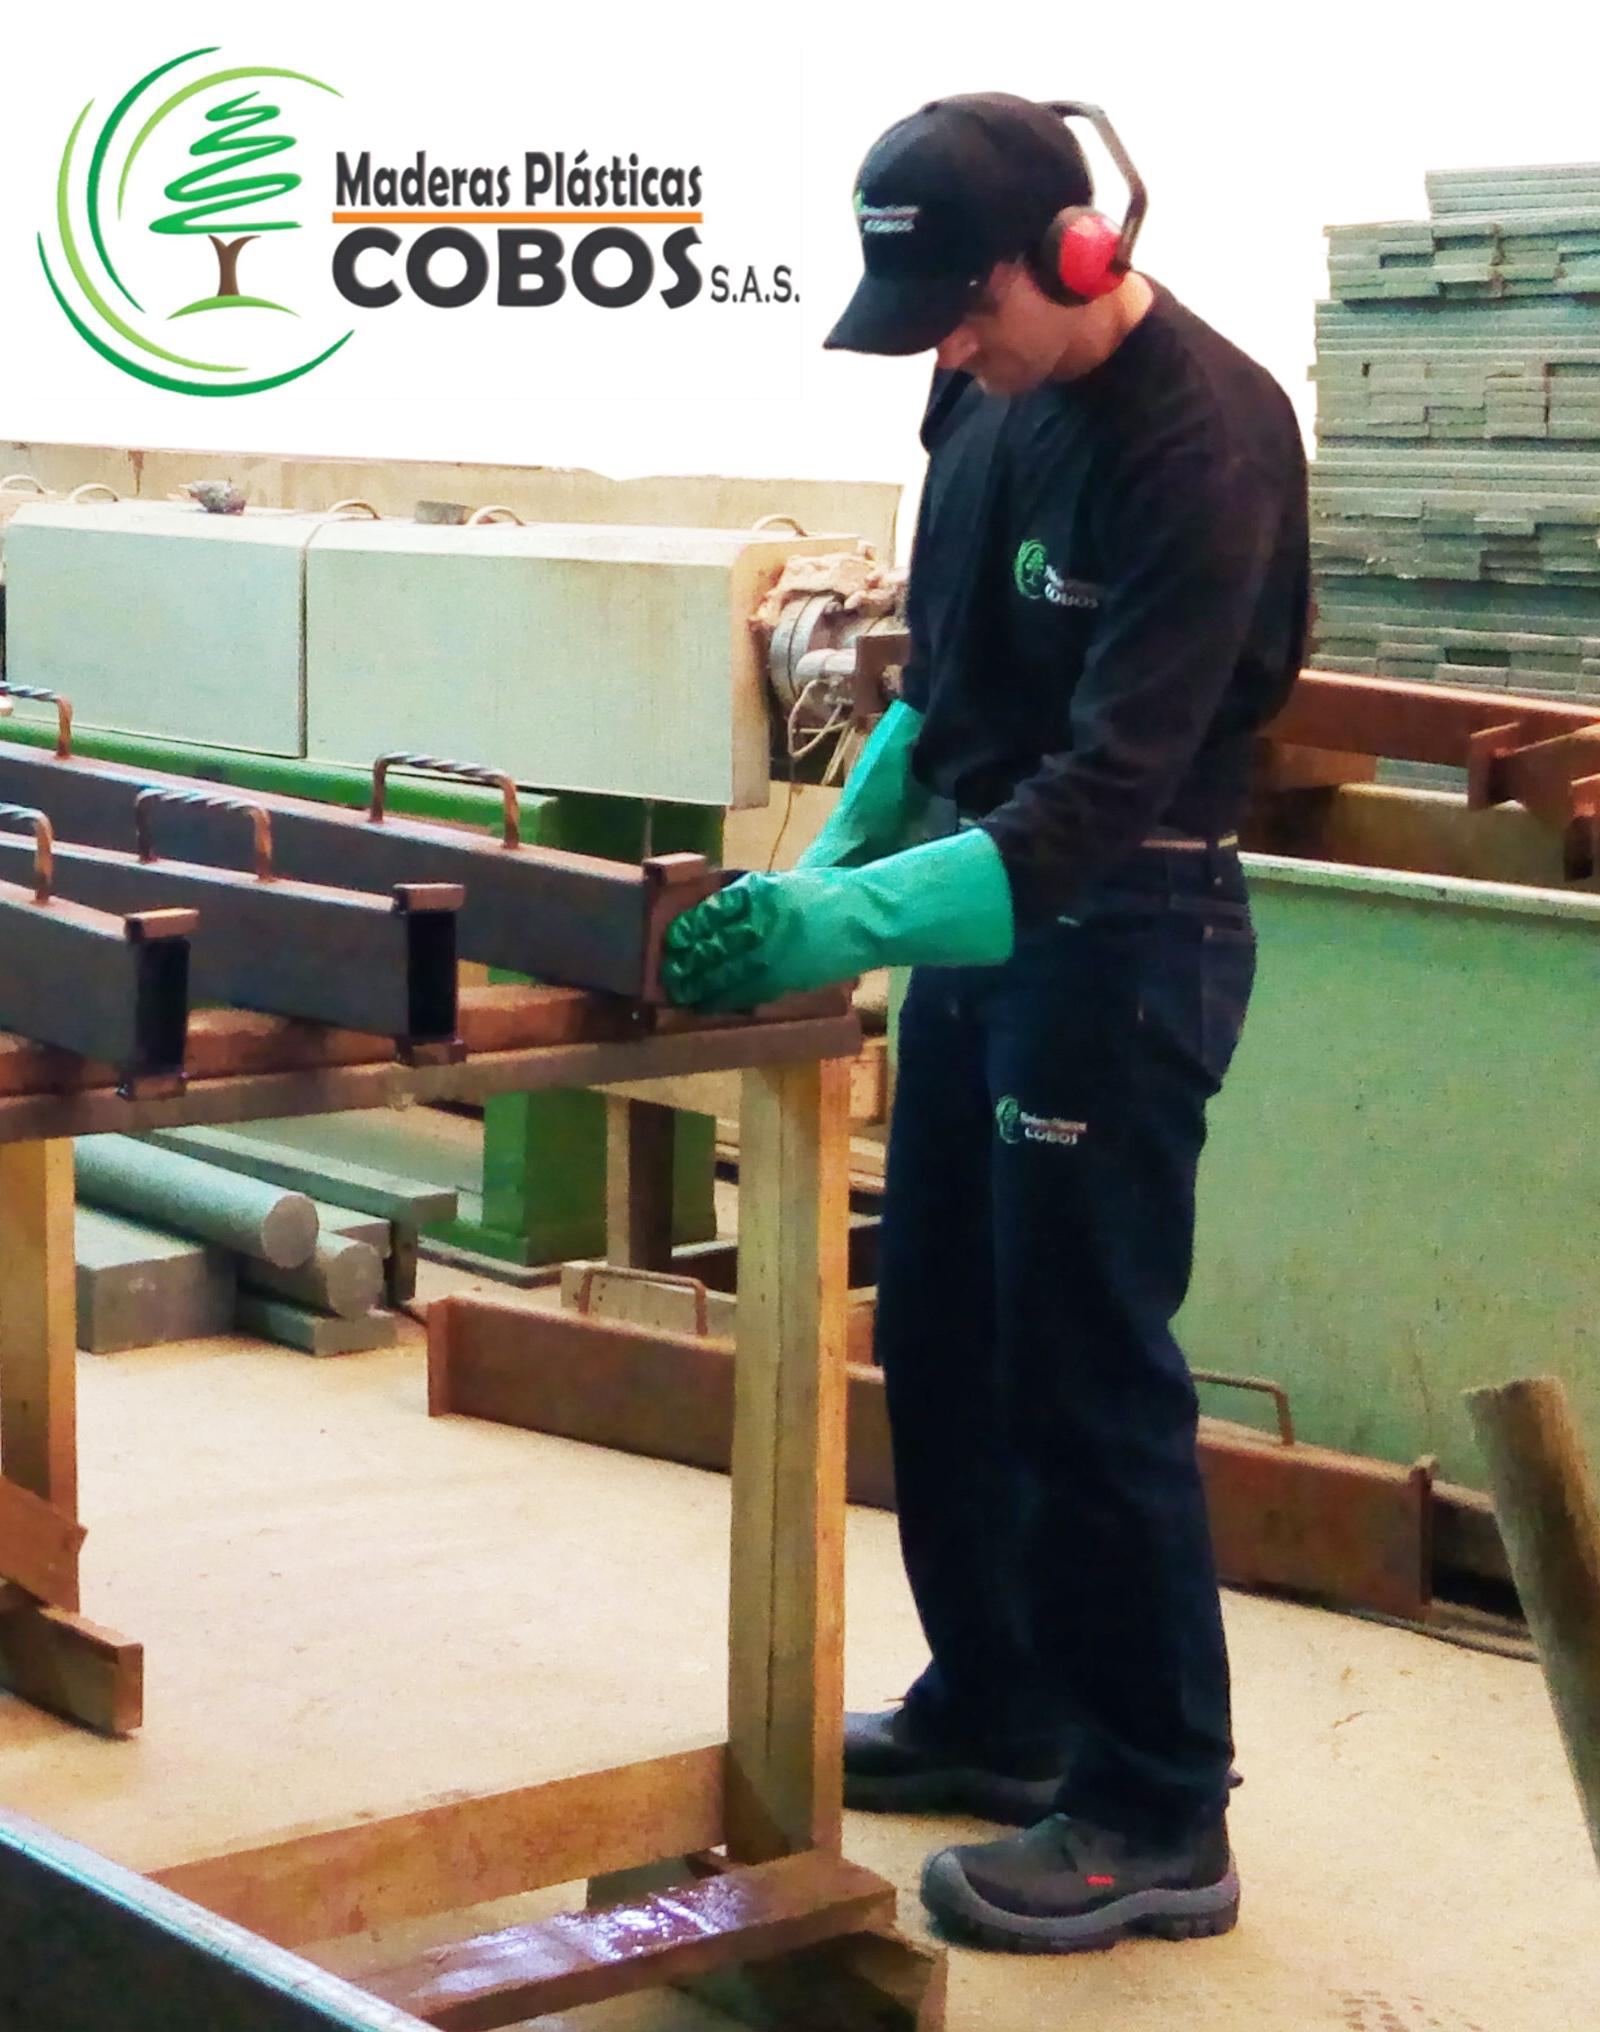 quienes somos maderas plasticas cobos soacha colombia